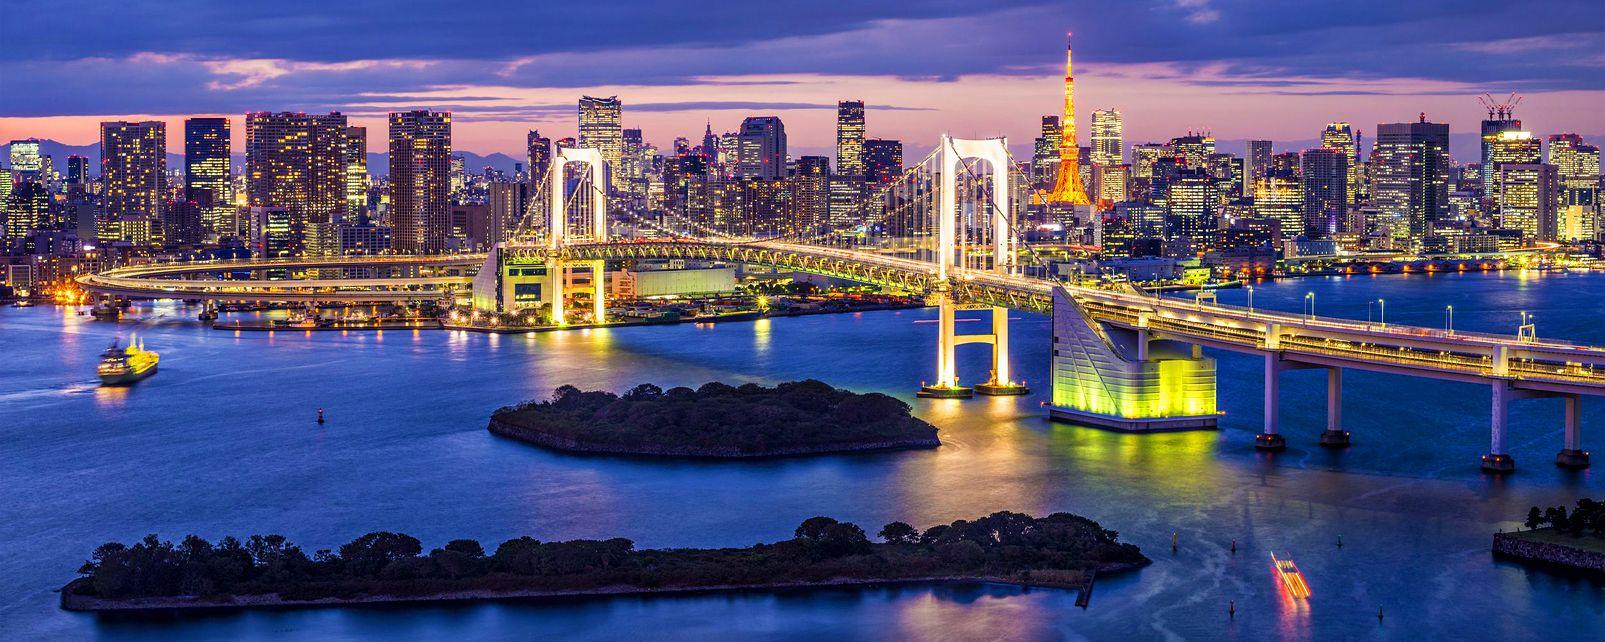 TOKYO- Les paysages urbains , Les paysages urbains de Tokyo , Japon